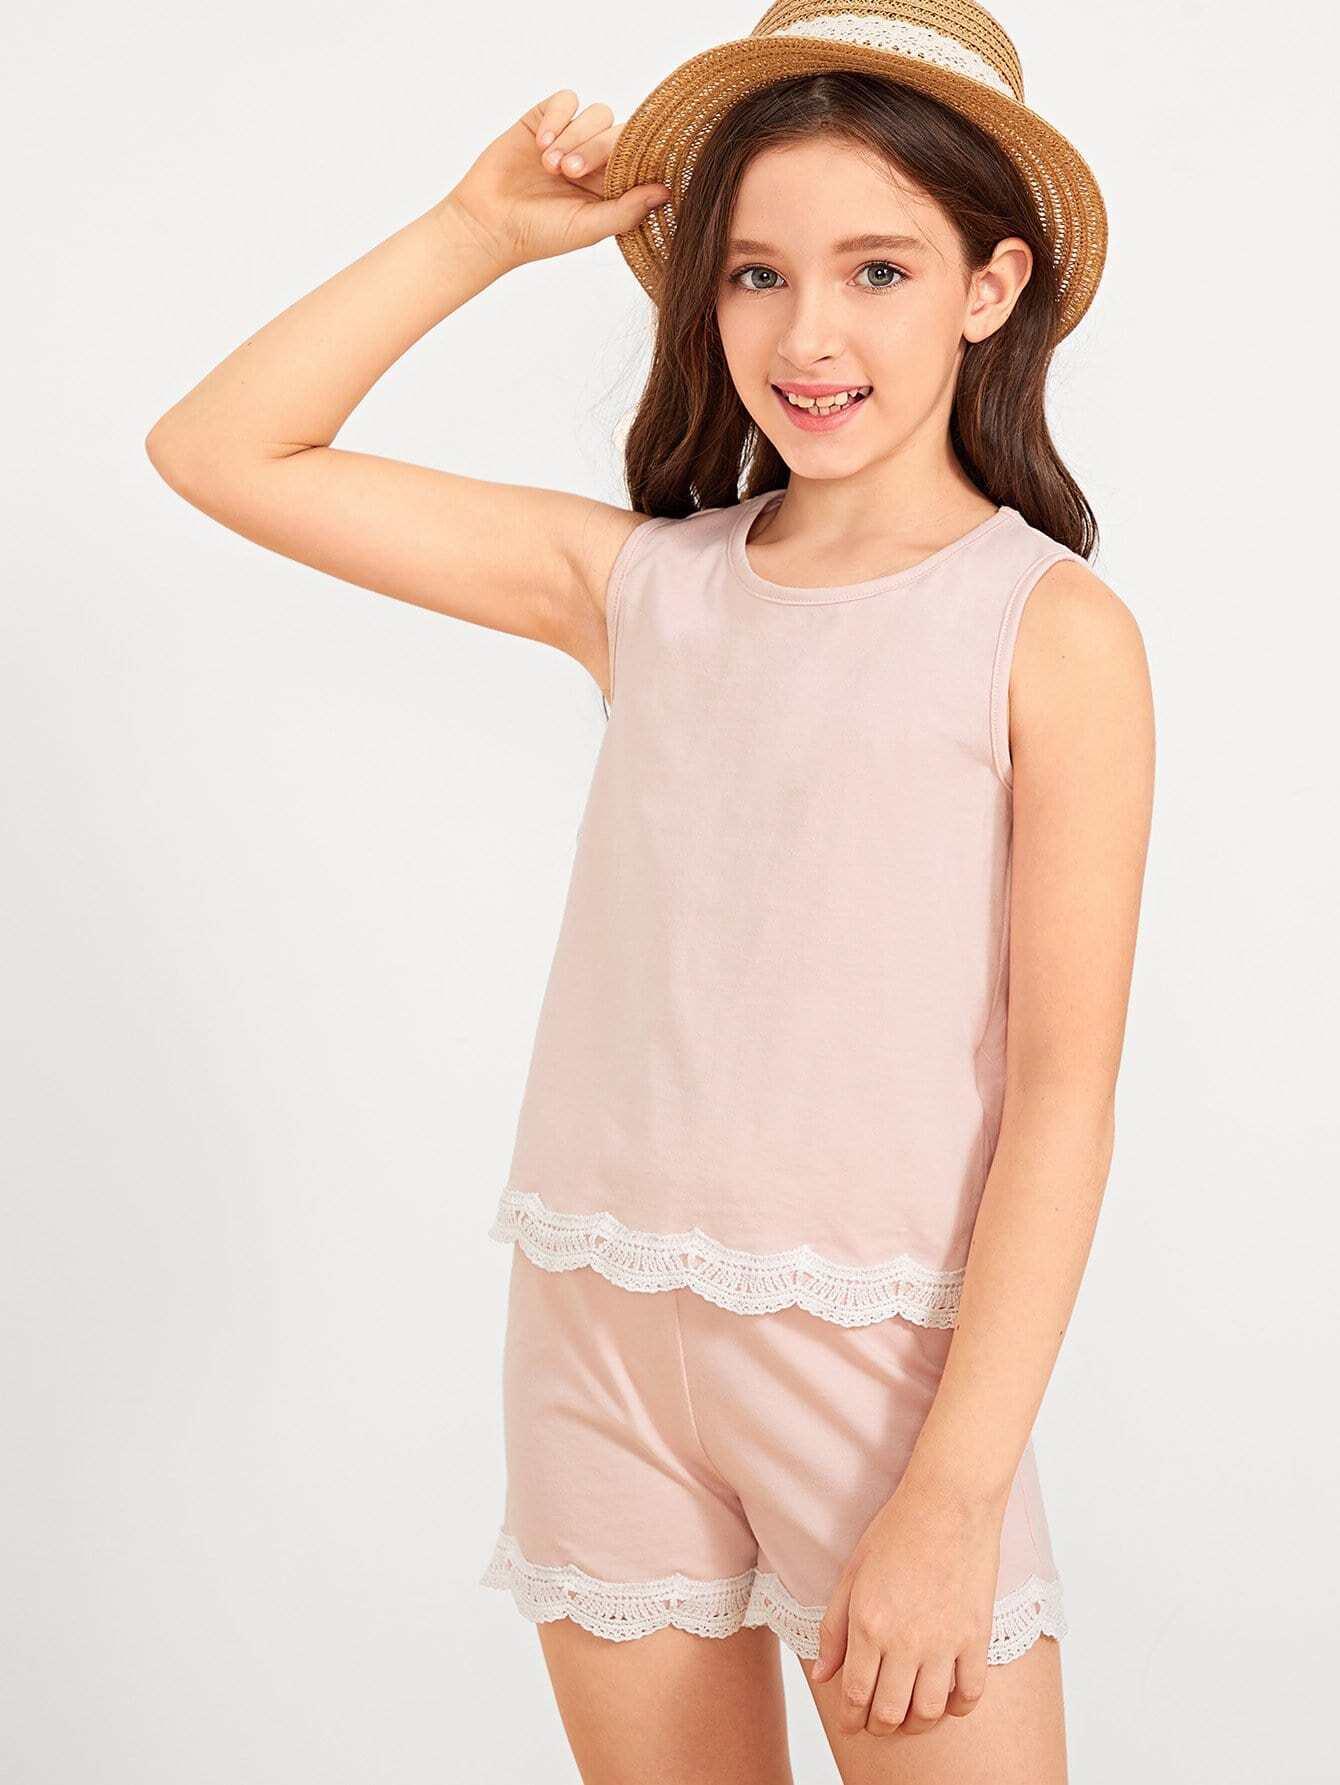 Купить Блузка и подол со симметрическими кружевами и шорты для девочки, Shelly, SheIn